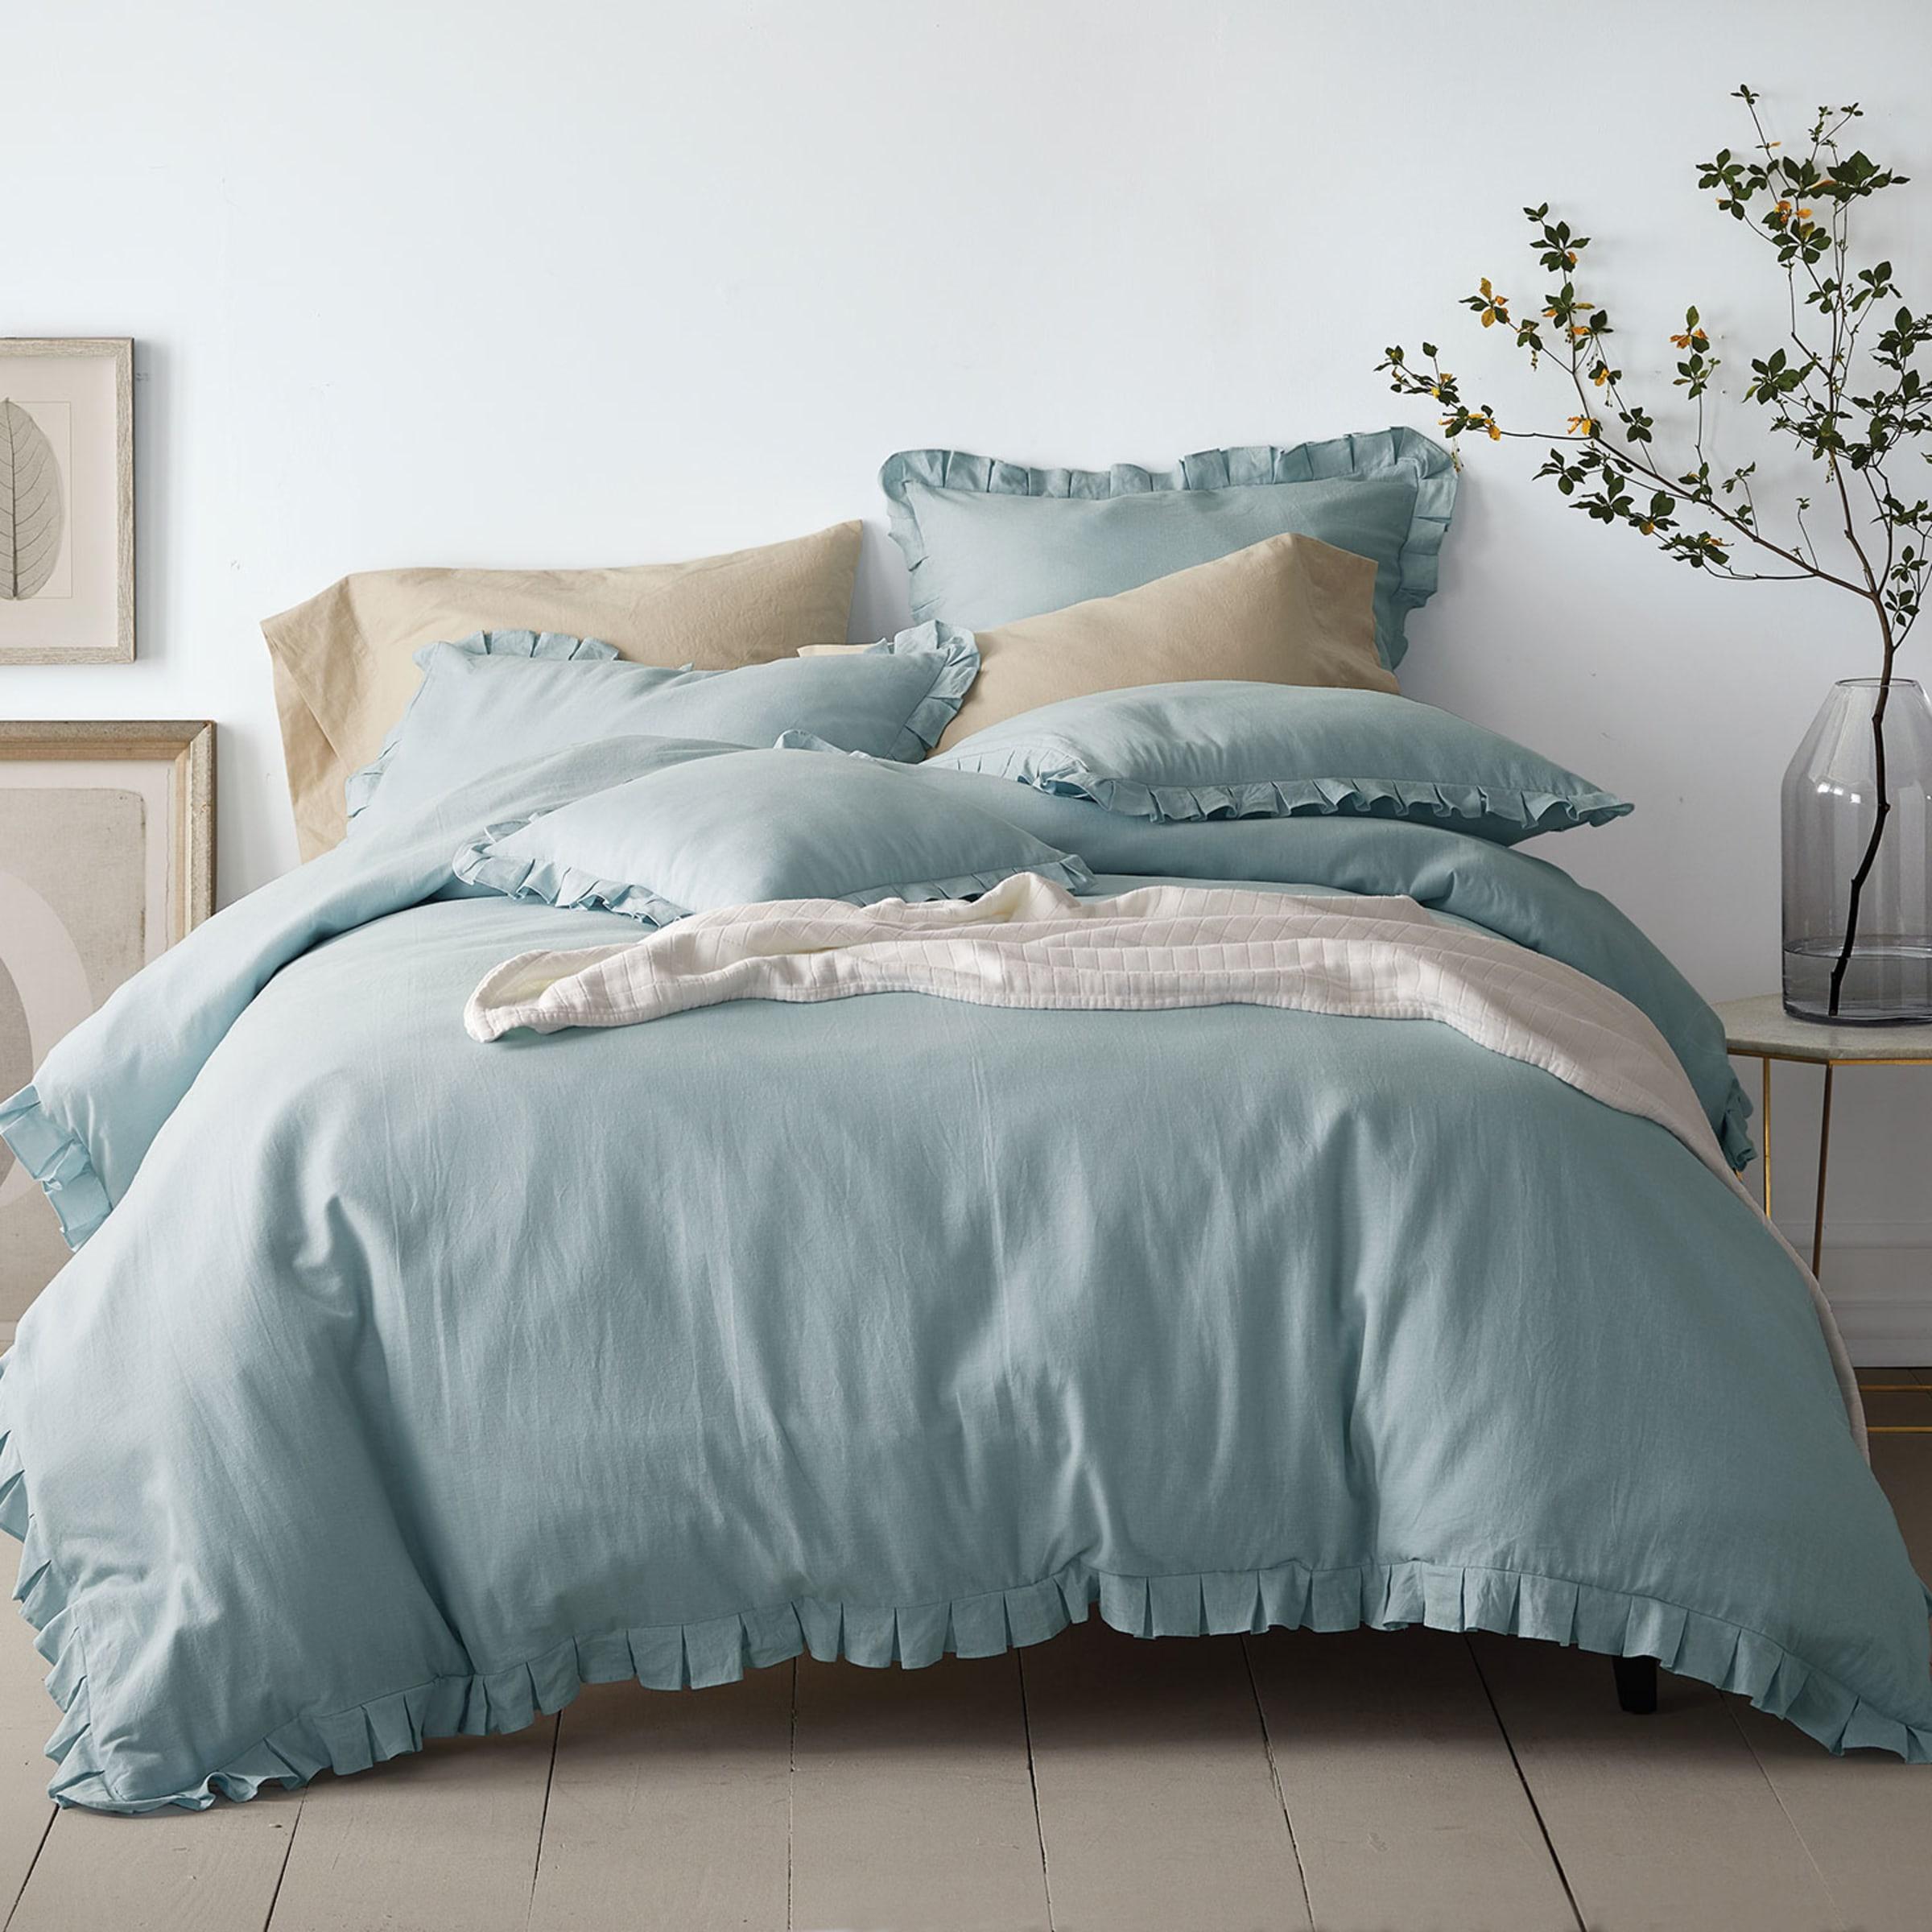 Linen Cotton Blend Duvet Cover Set